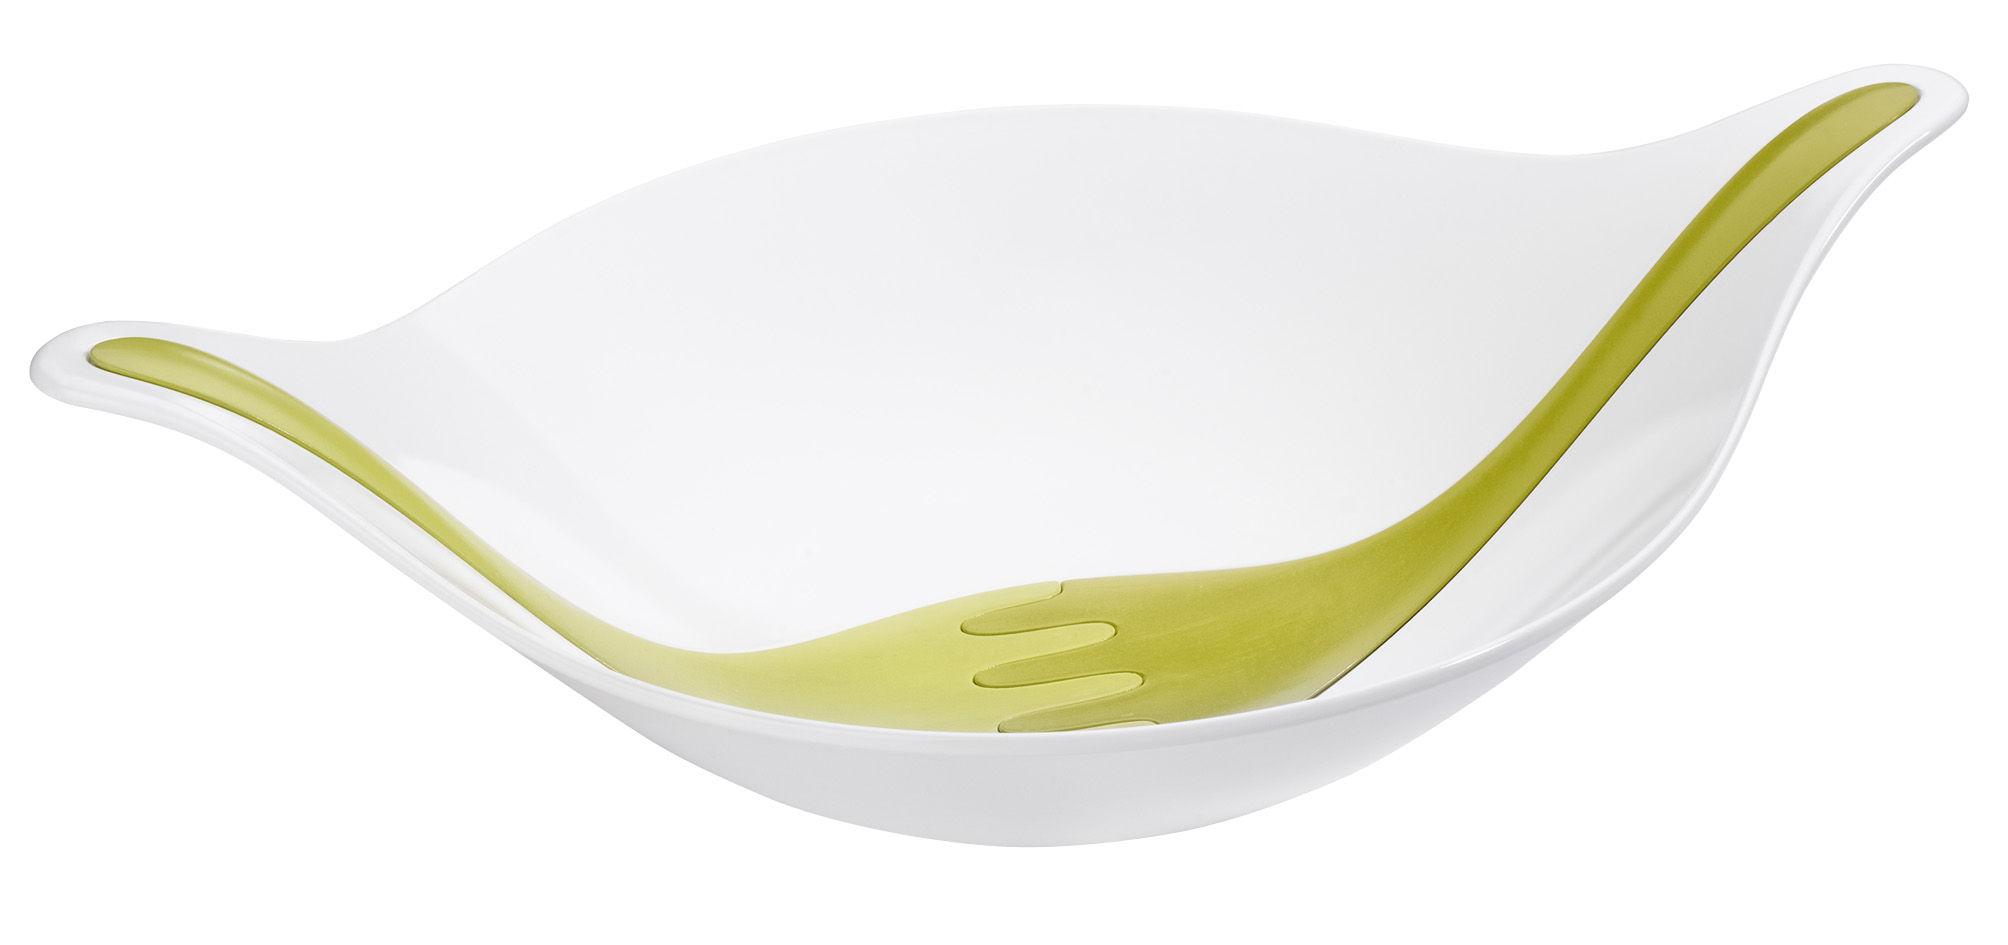 Tischkultur - Salatschüsseln und Schalen - Leaf XL+ Salatschüssel - Koziol - Blanc / Couverts jaune moutarde et jaune olive - Plastik